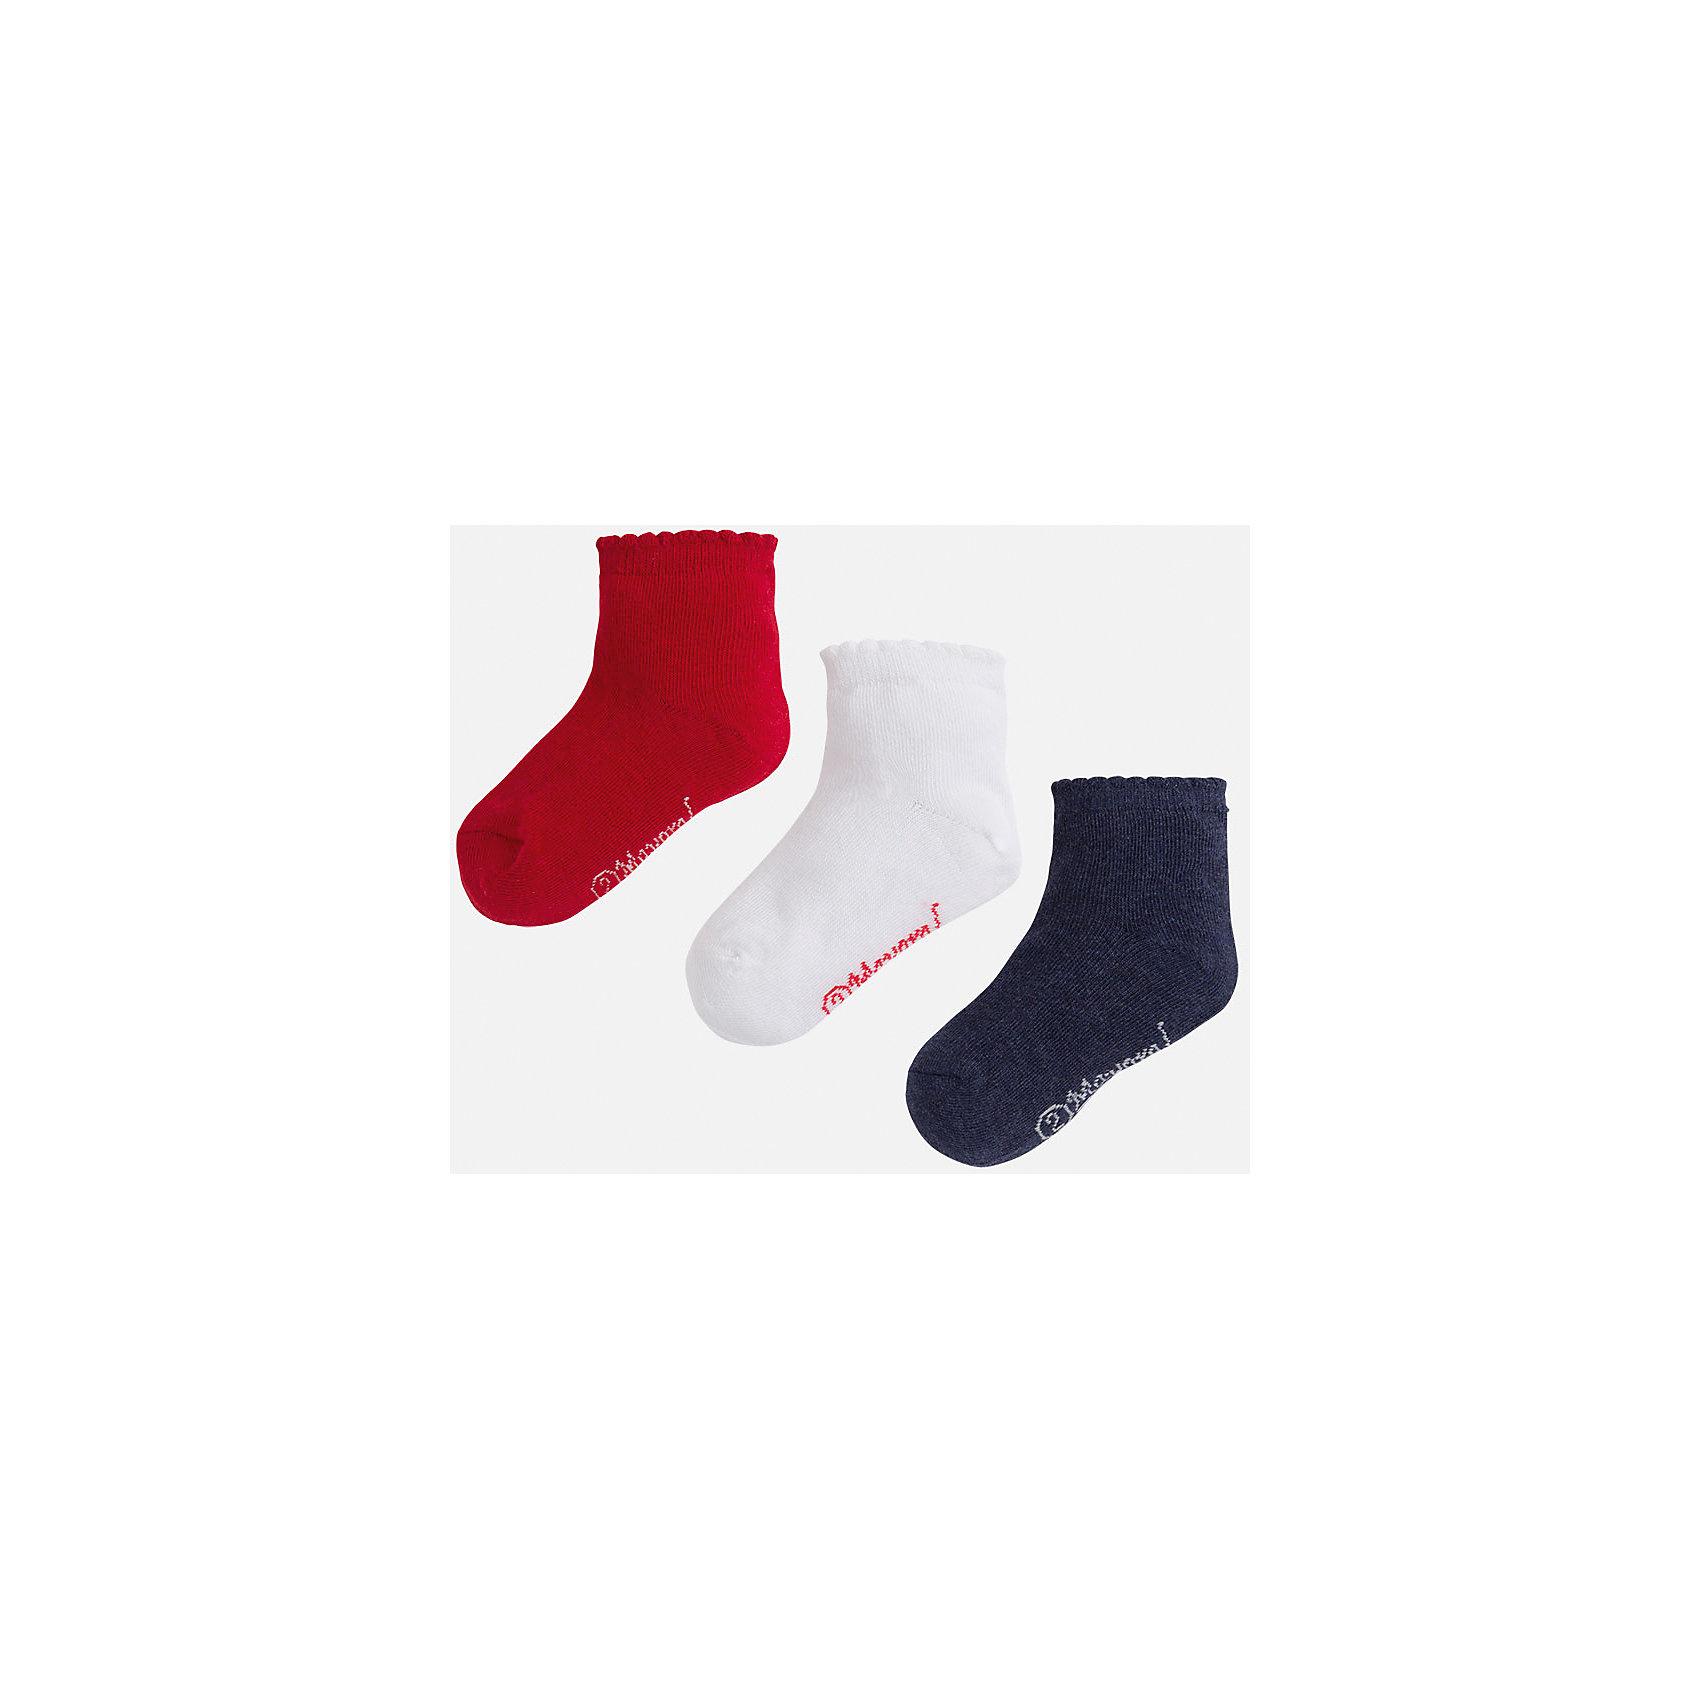 Носки,3 пары для девочки MayoralНосочки и колготки<br>Комплект из трех пар носков для девочки от популярного испанского бренда Mayoral(Майорал). Все носки изготовлены из качественных прочных материалов, приятных телу. <br><br>Дополнительная информация:<br>Состав: 75% хлопок, 23% полиэстер, 2% эластан<br>Цвет: красный/белый/темно-синий<br>Носки для девочки Mayoral(Майорал) можно купить в нашем интернет-магазине.<br><br>Ширина мм: 87<br>Глубина мм: 10<br>Высота мм: 105<br>Вес г: 115<br>Цвет: красный<br>Возраст от месяцев: 36<br>Возраст до месяцев: 48<br>Пол: Женский<br>Возраст: Детский<br>Размер: 28,32,27,29<br>SKU: 4847708